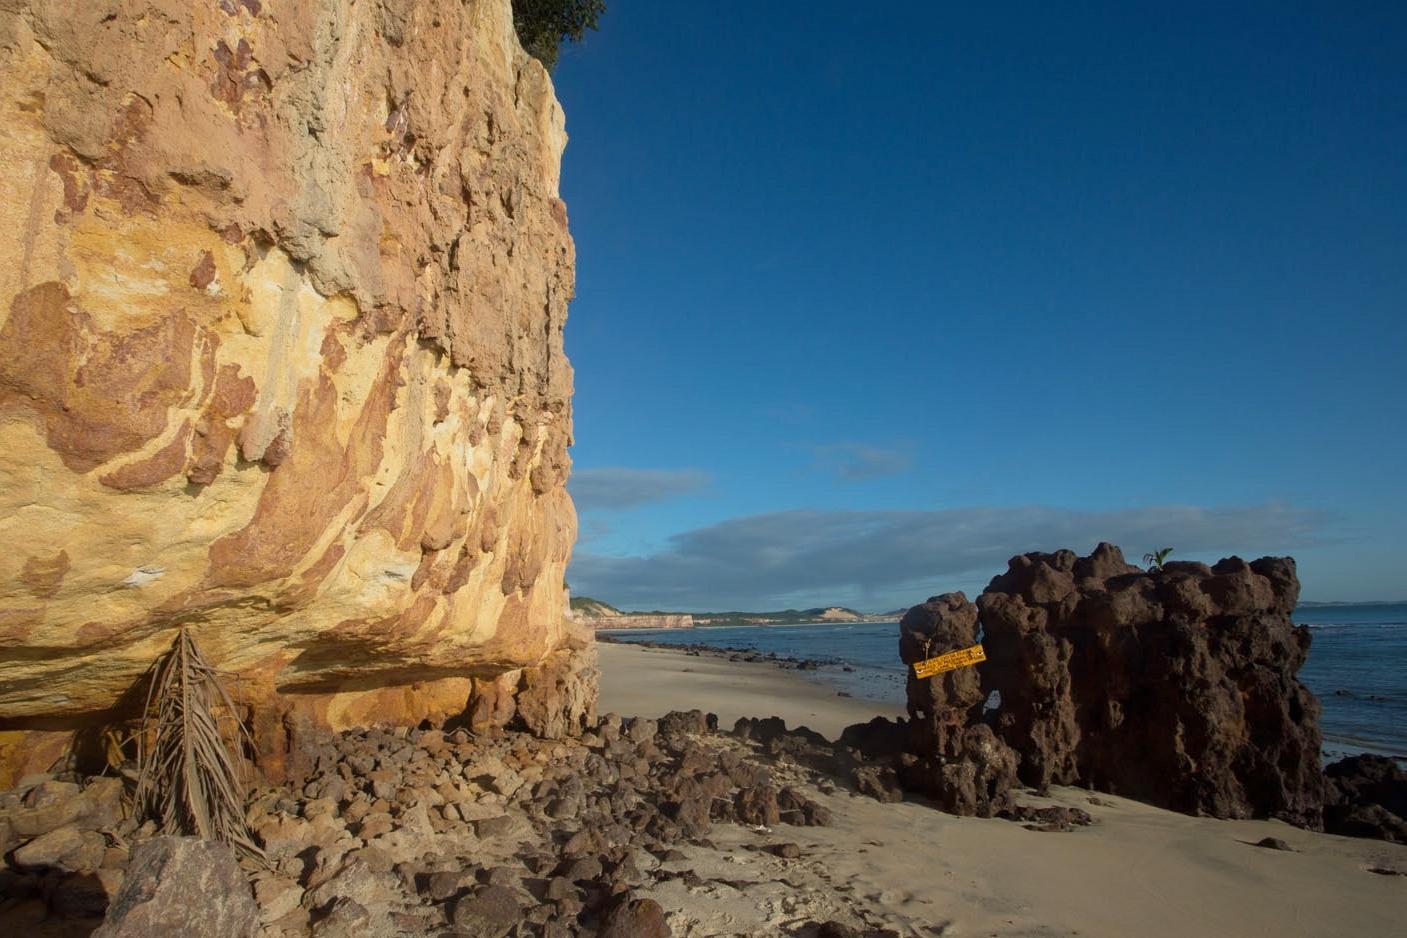 042_Praia do Curral.jpg